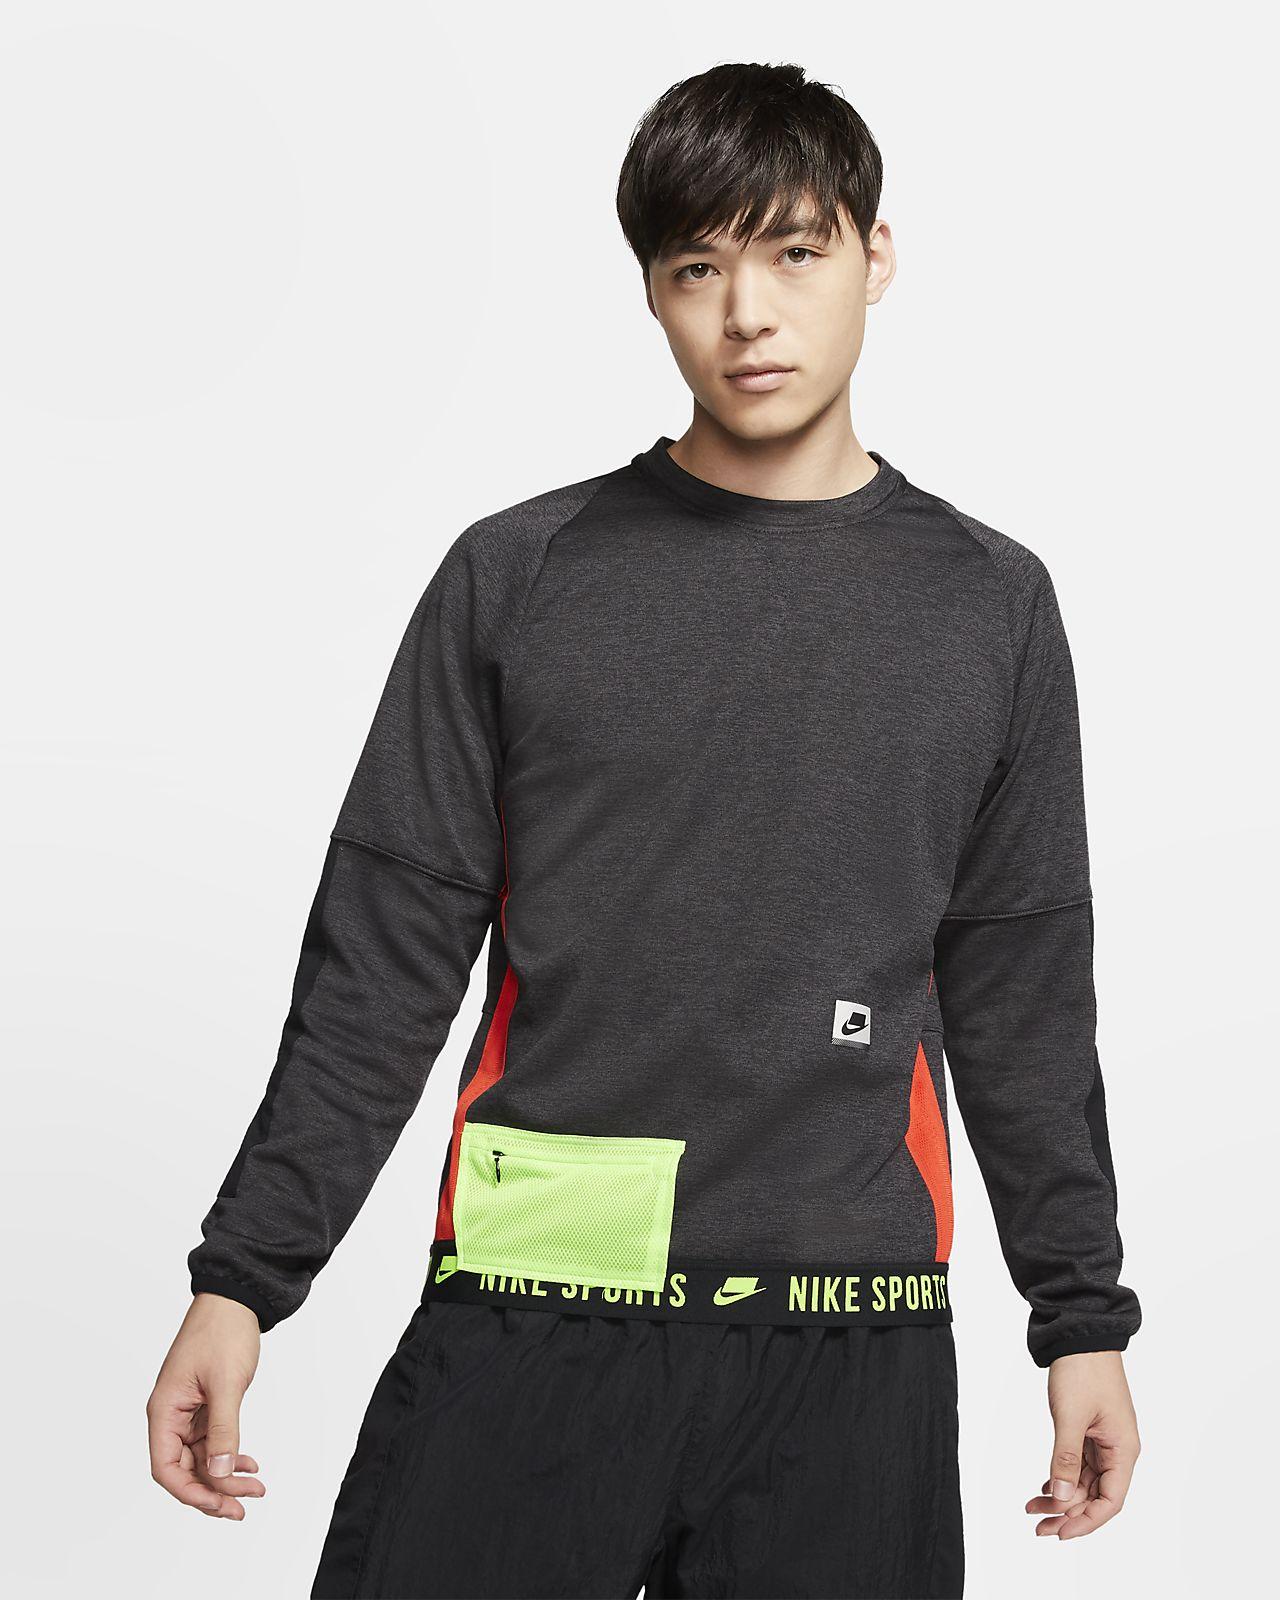 Ανδρική μακρυμάνικη μπλούζα προπόνησης Nike Therma